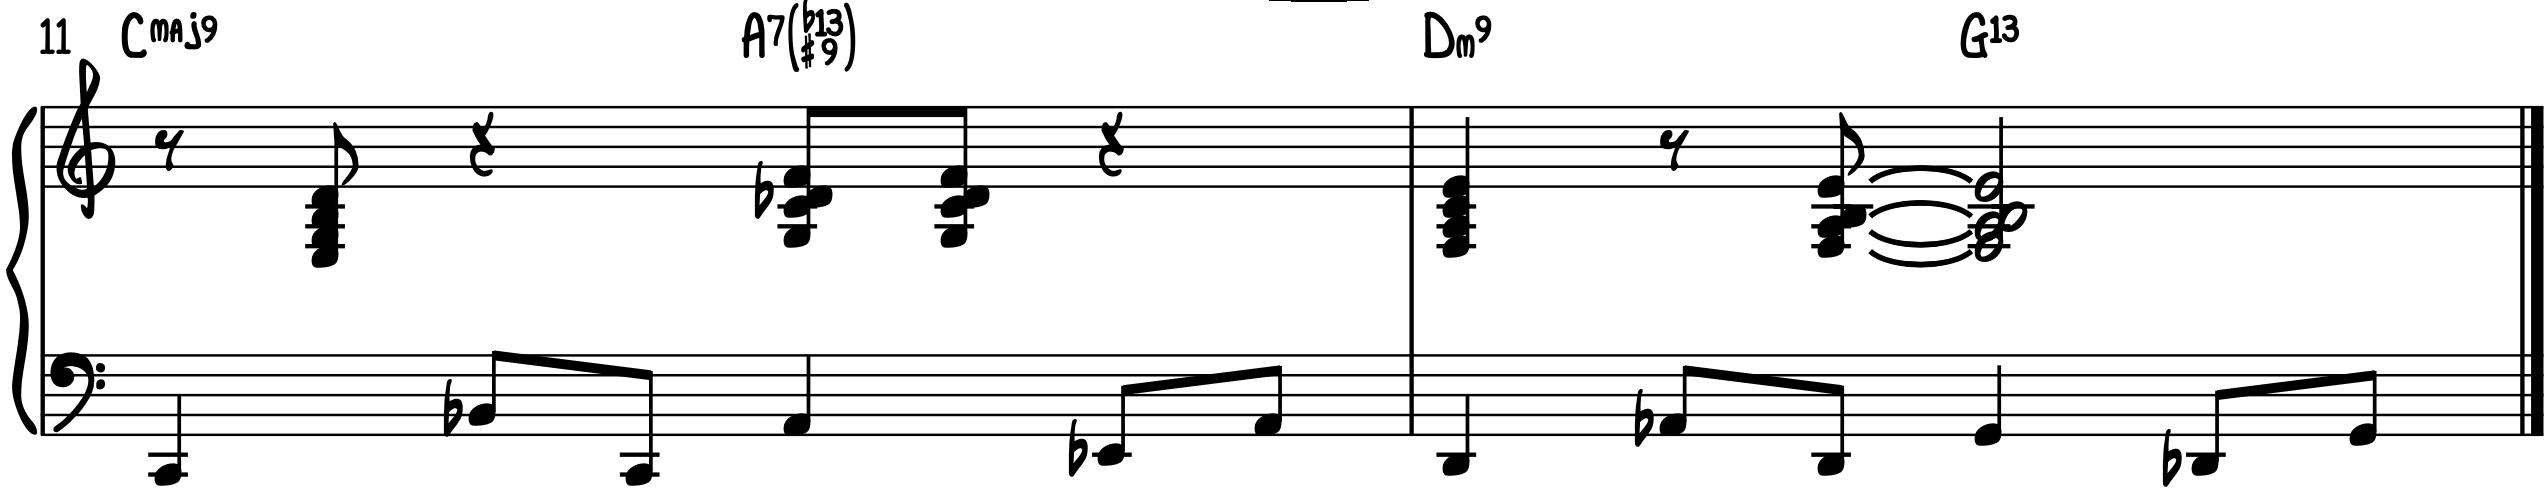 Walking Bass Line jazz piano turnaround 1-6-2-5 left hand groove chromatic upper neighbor